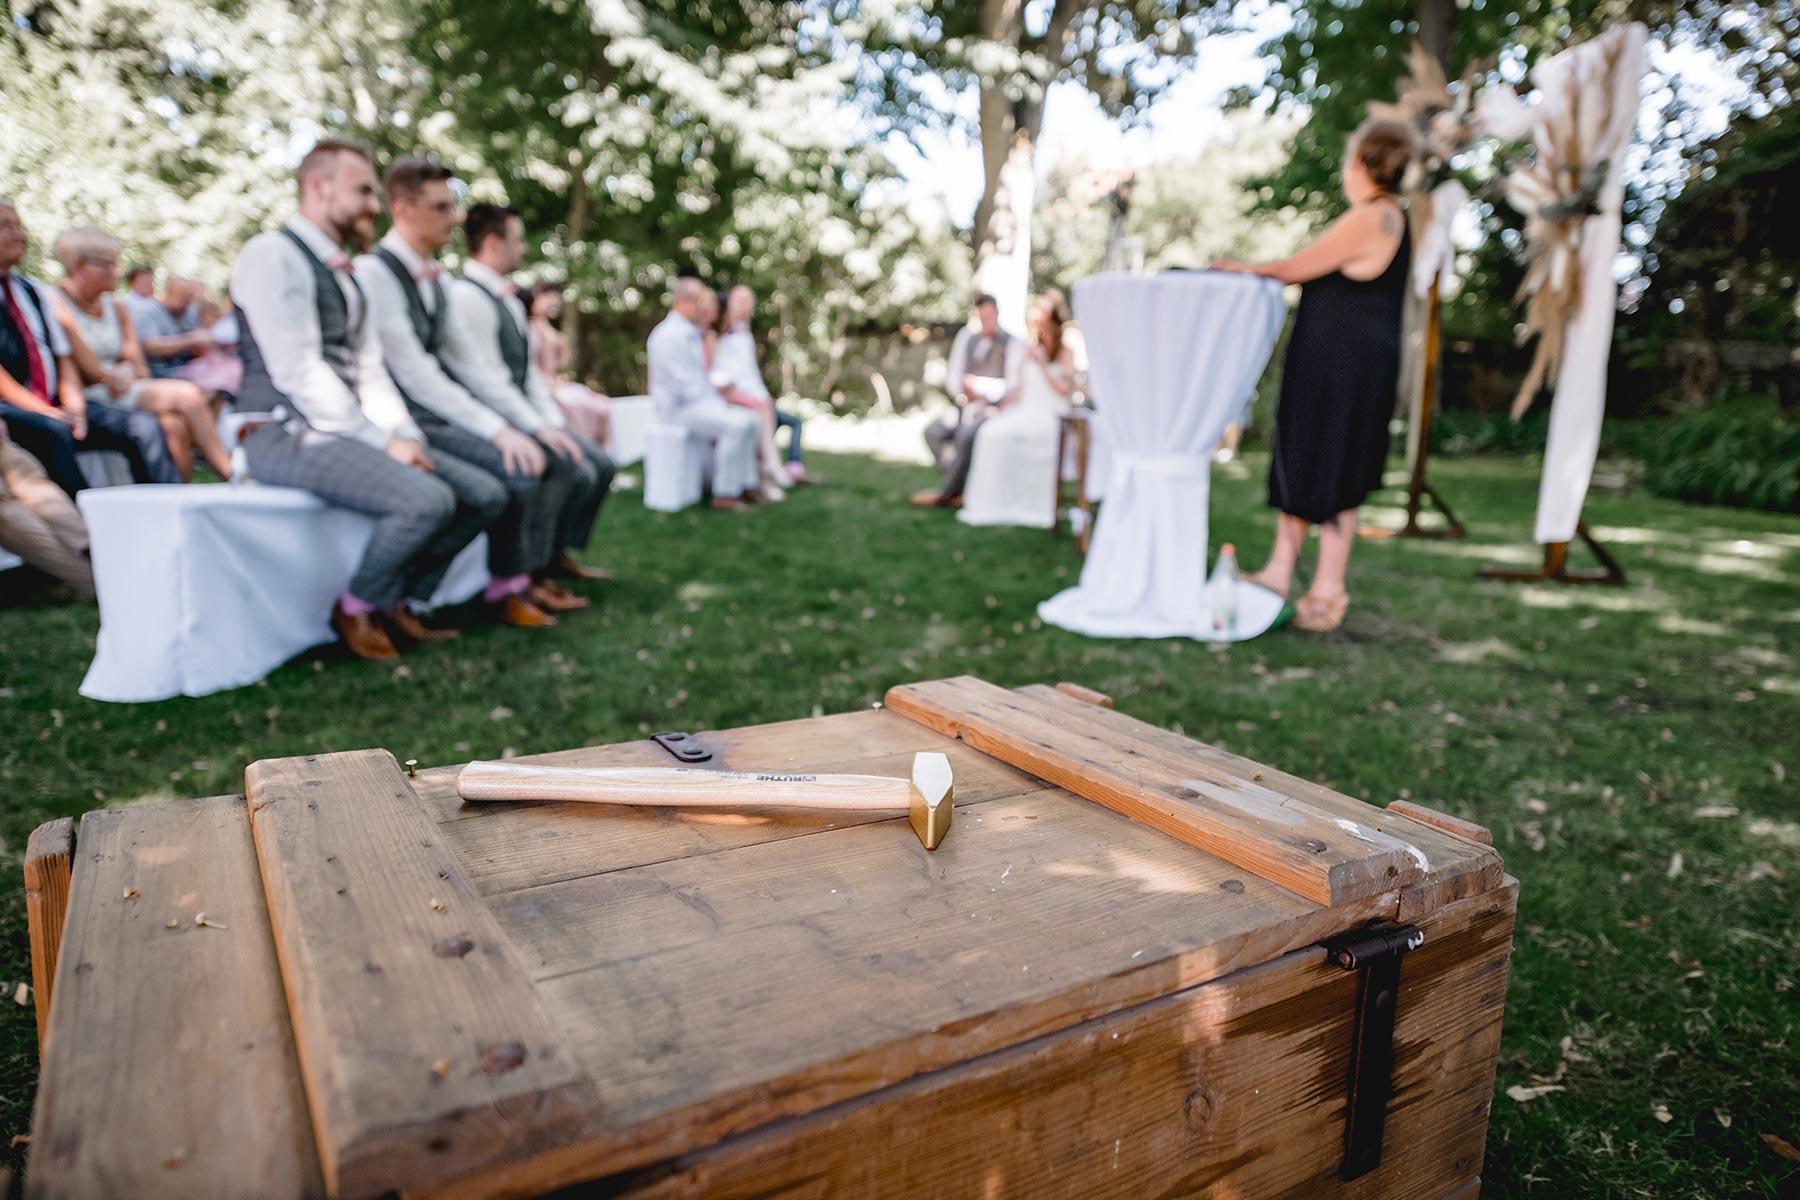 Erinnerungskiste an die Hochzeit, befüllt von den Gästen